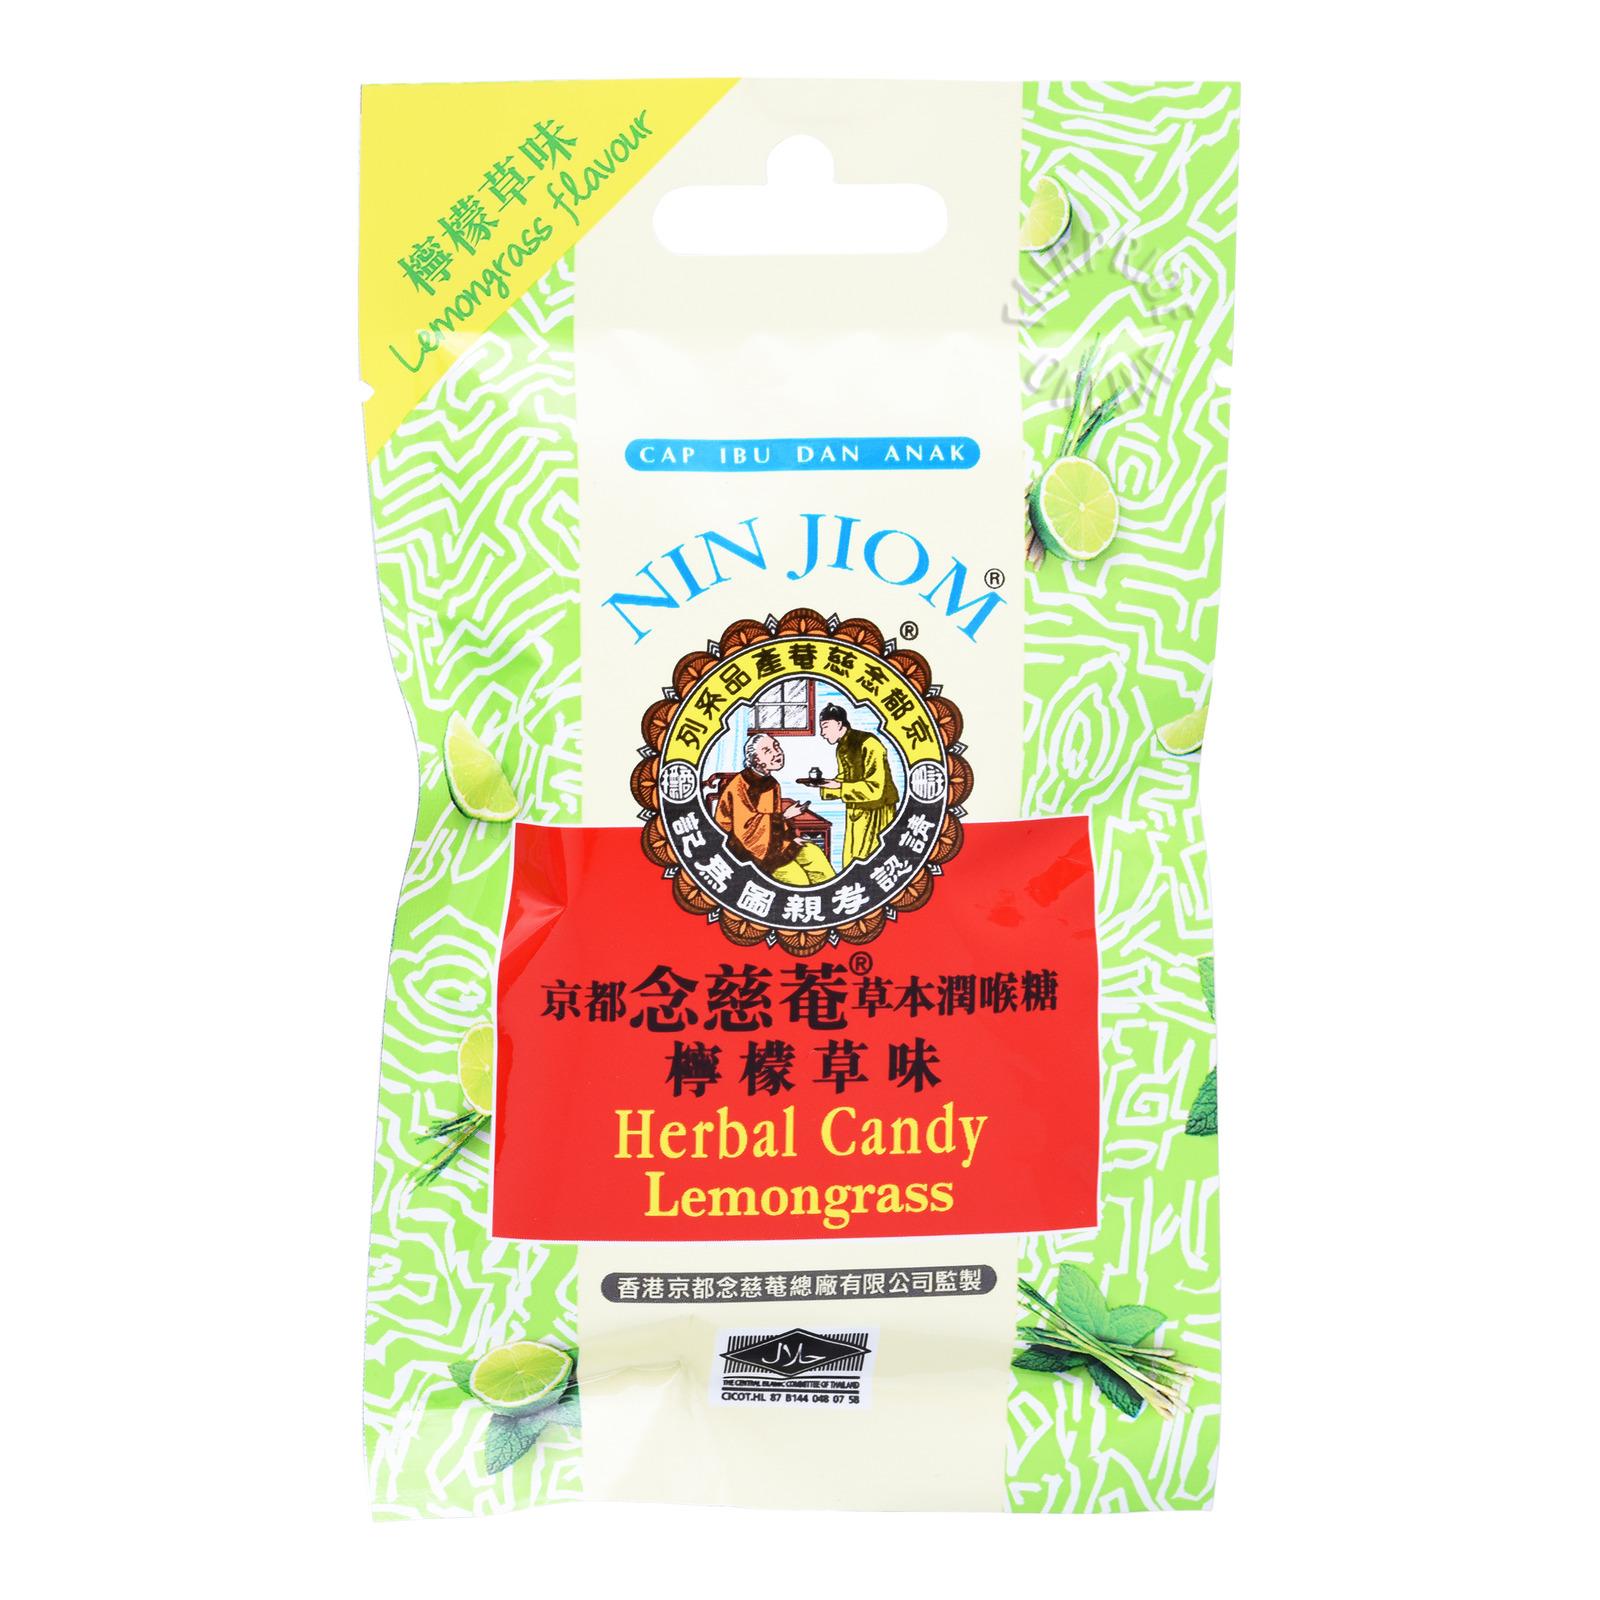 NIN JIOM Herbal Candy Lemongrass 20g